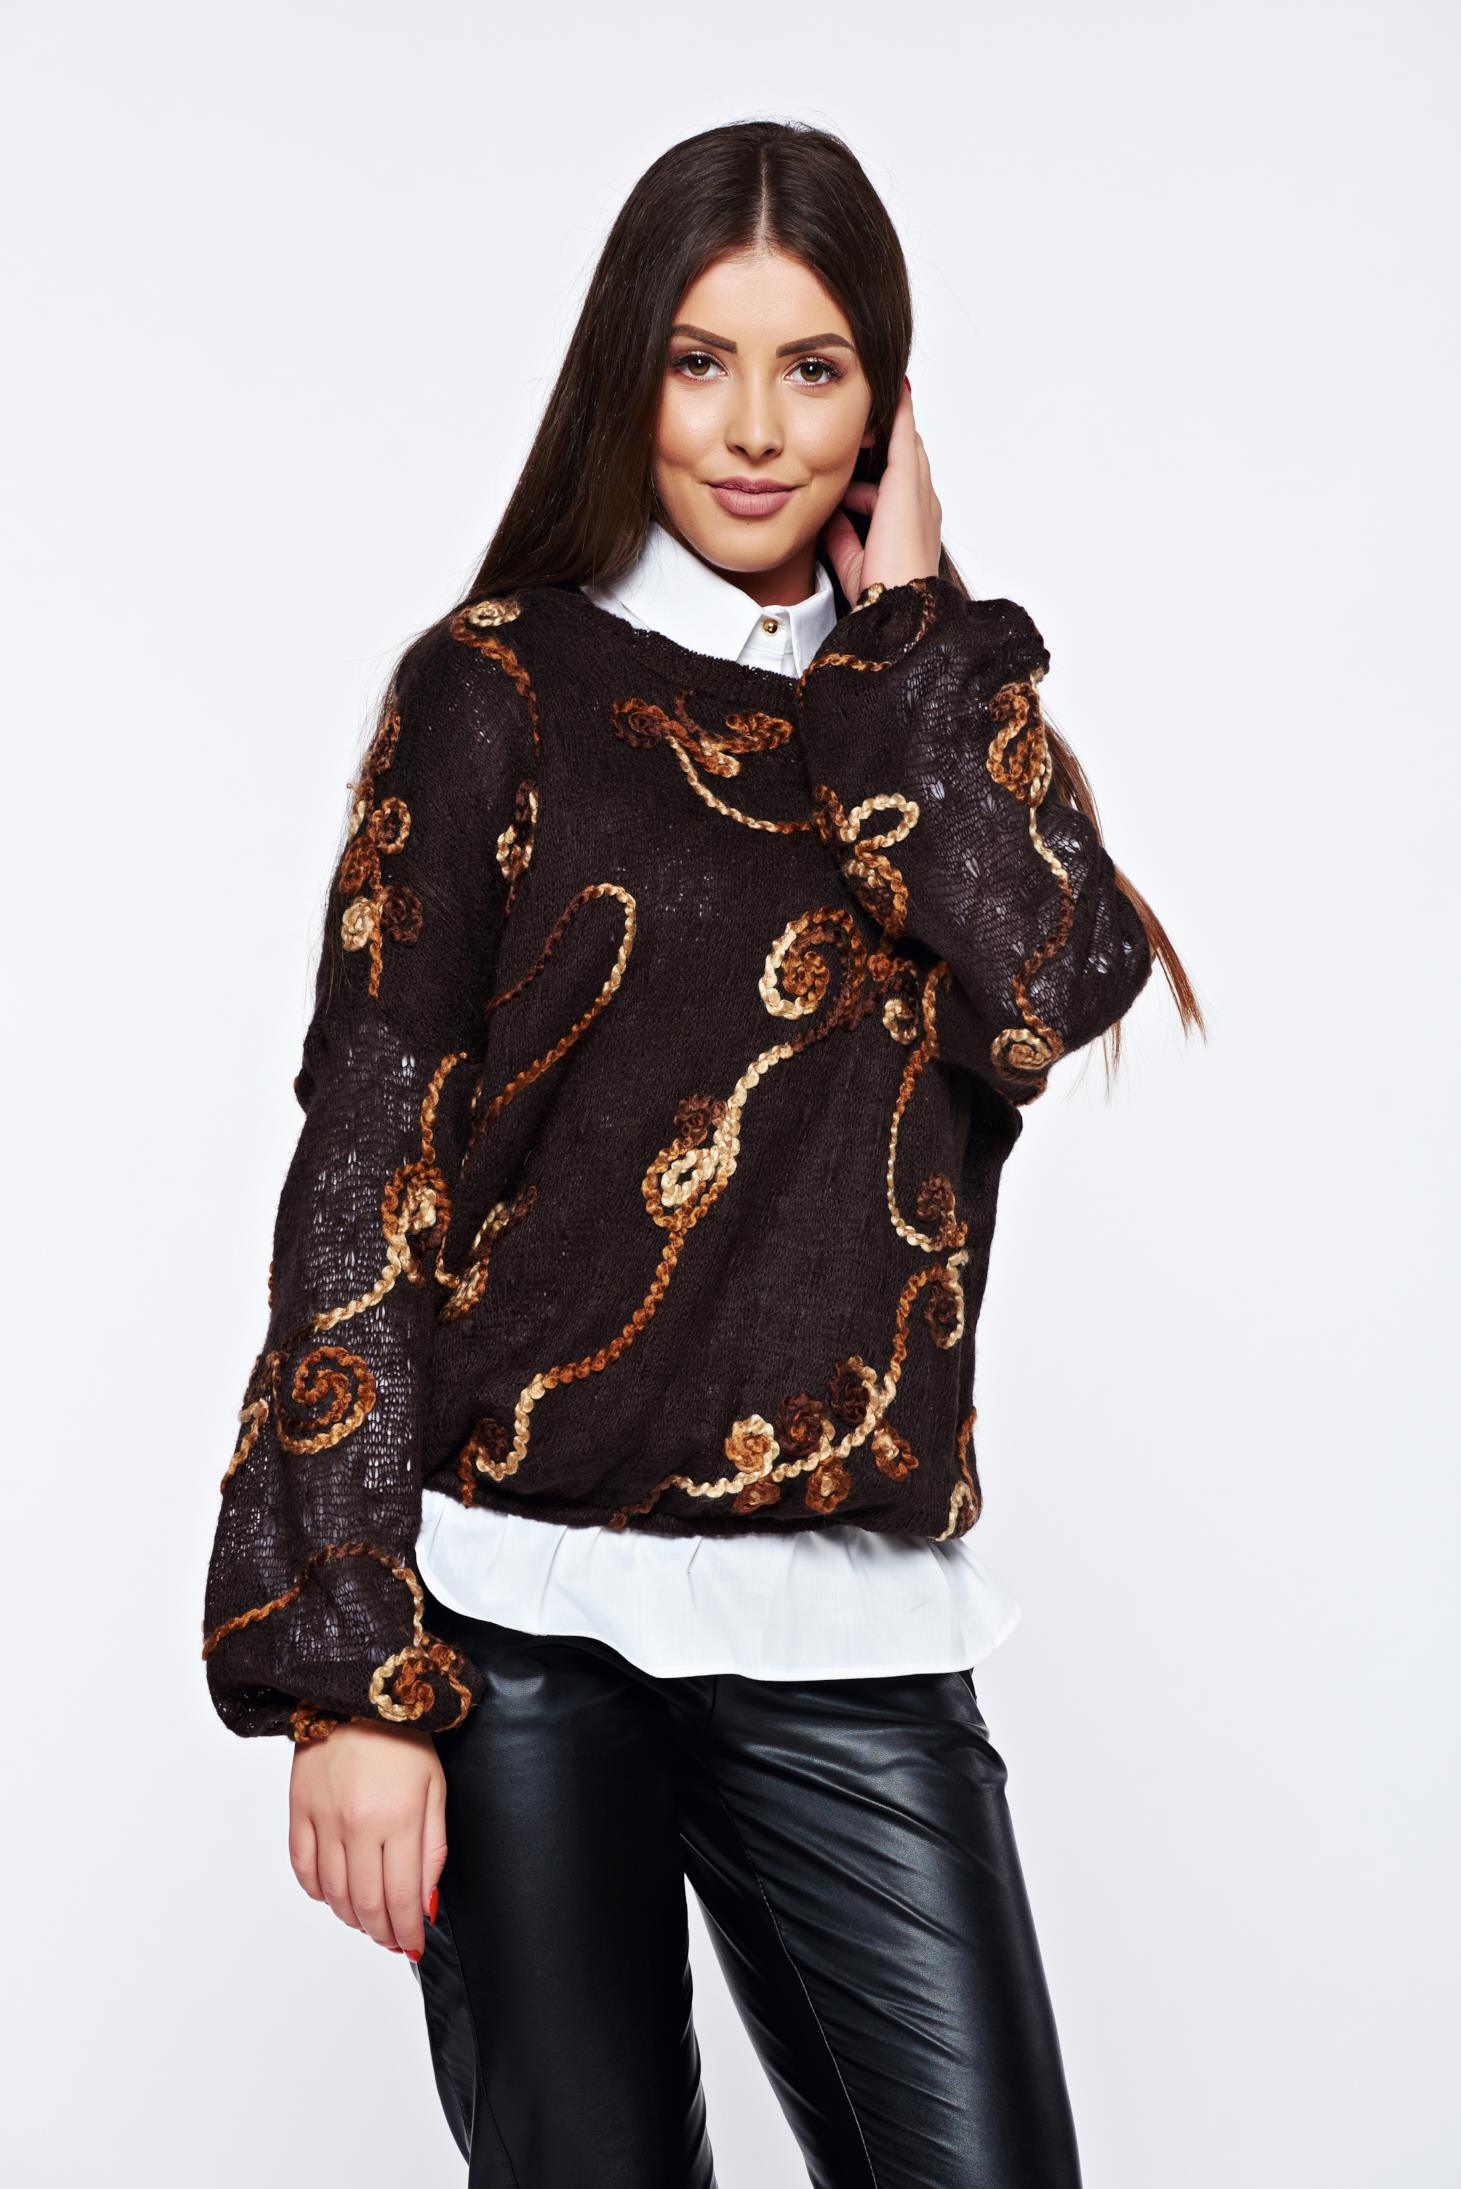 Pulover PrettyGirl maro casual tricotat cu broderie aurie cu croi larg